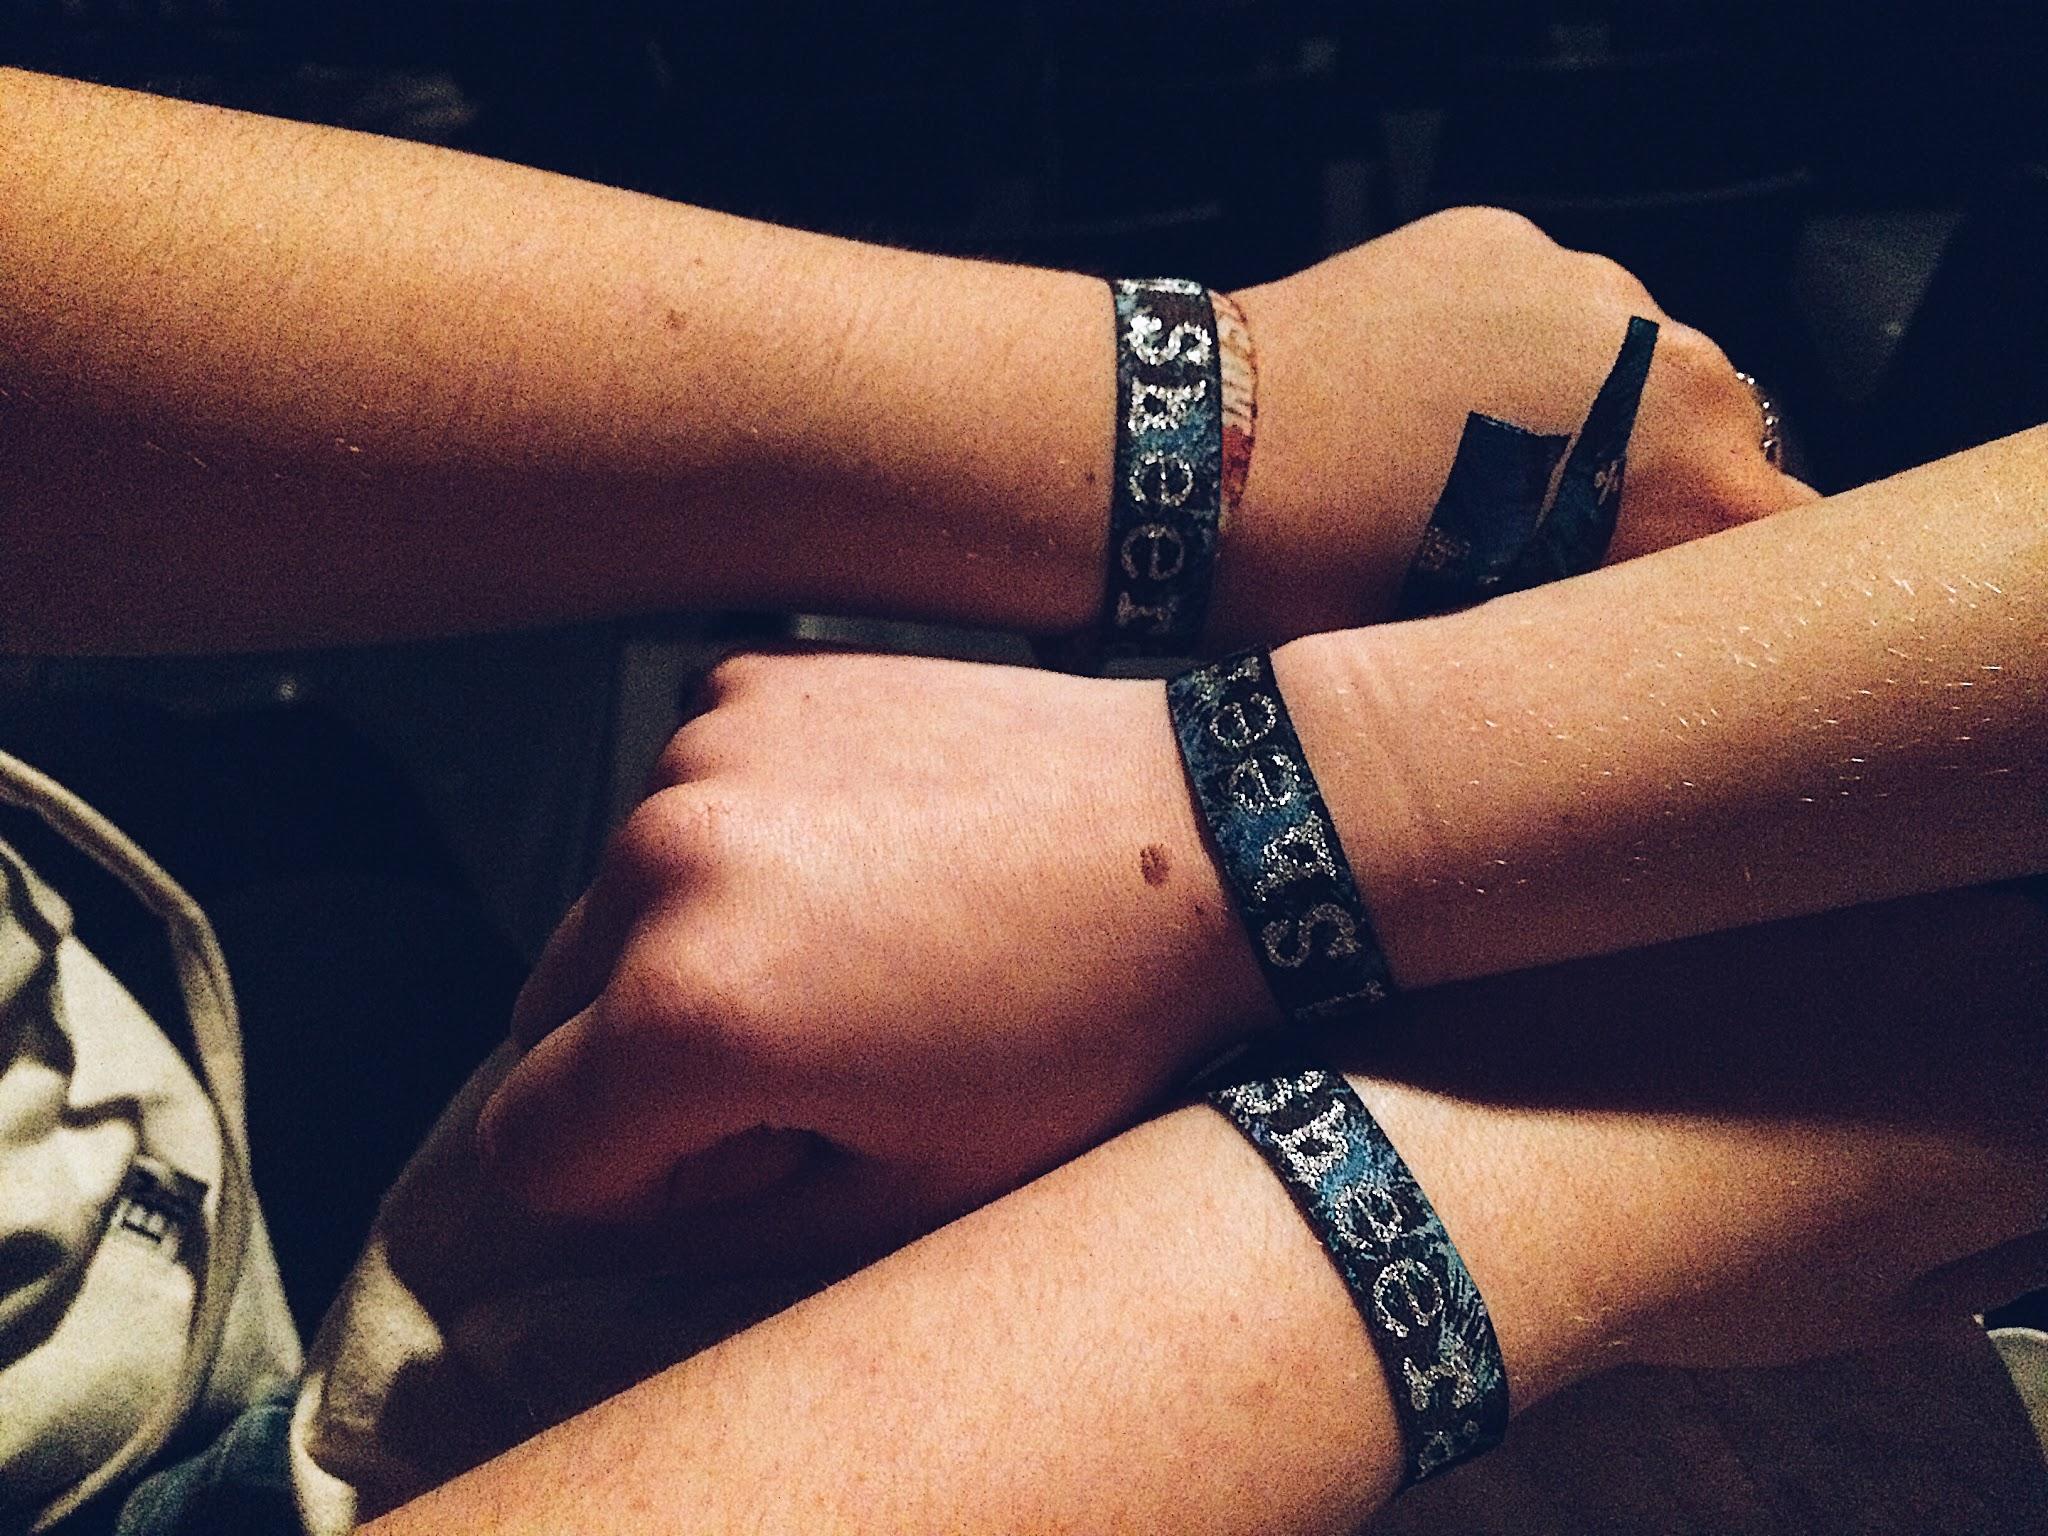 Drie meisjes met het concertbandje van Ed Sheeran aan hun arm.